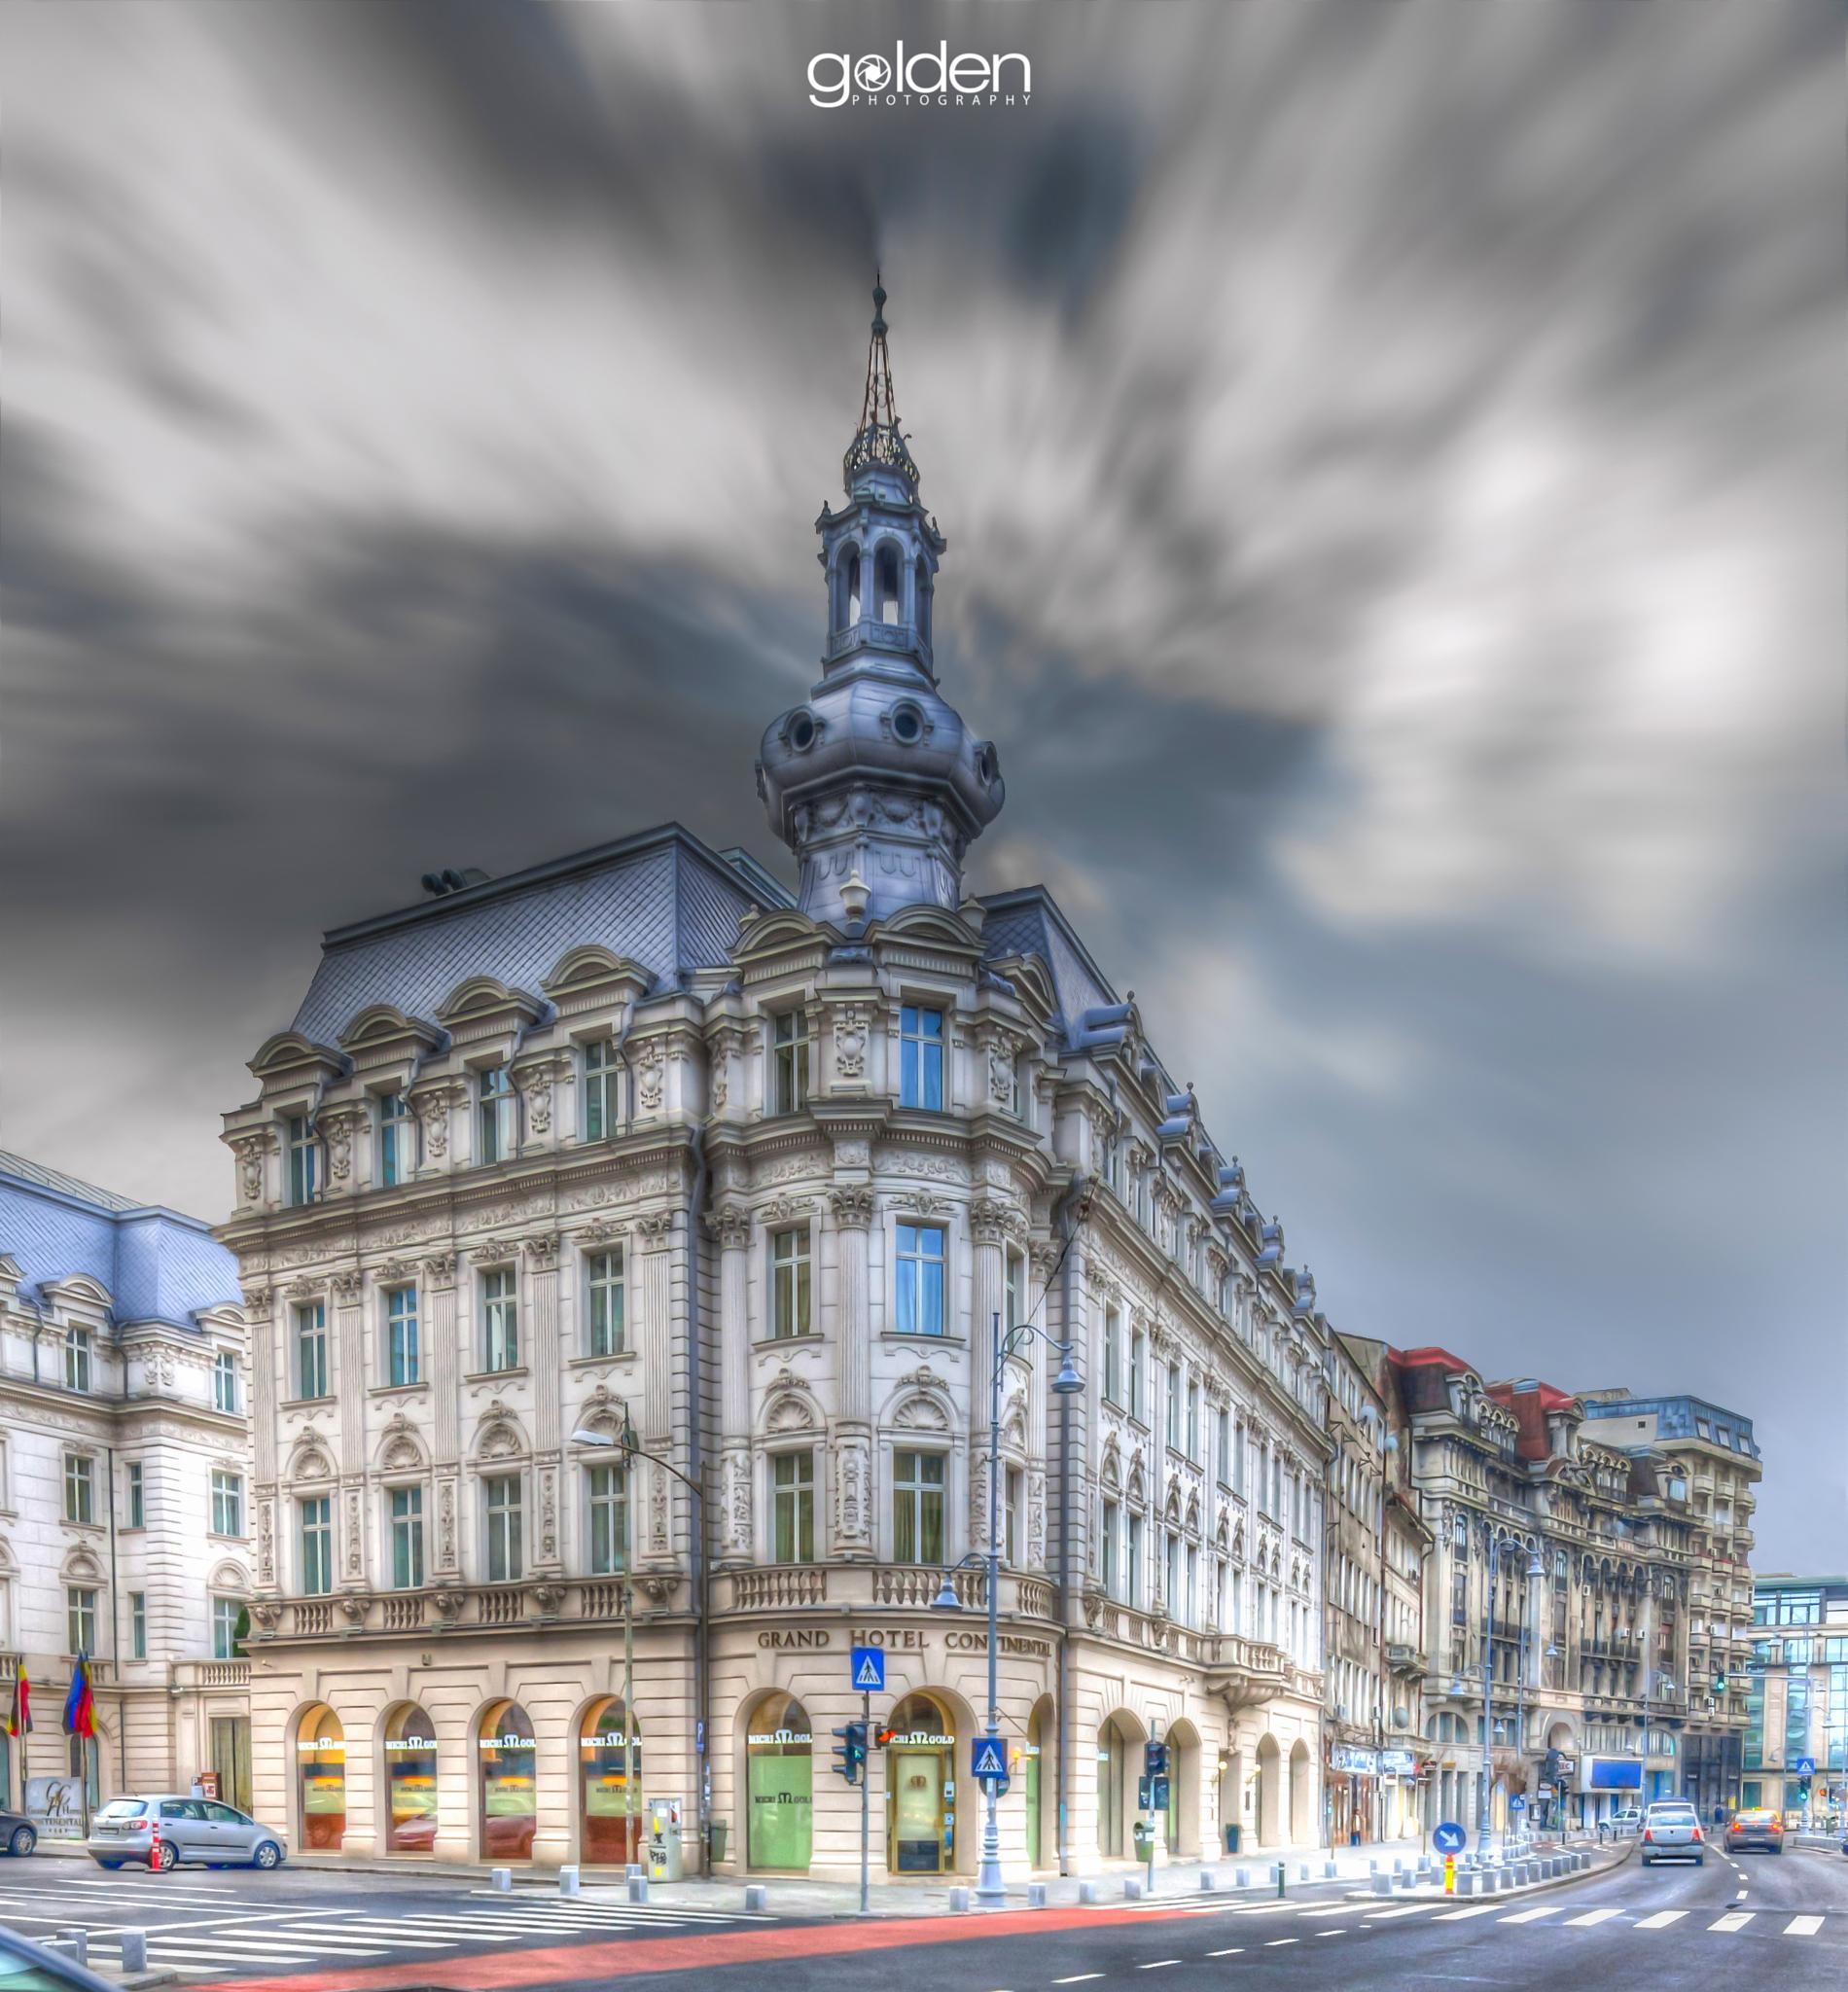 Grand Hotel by golden_samuray